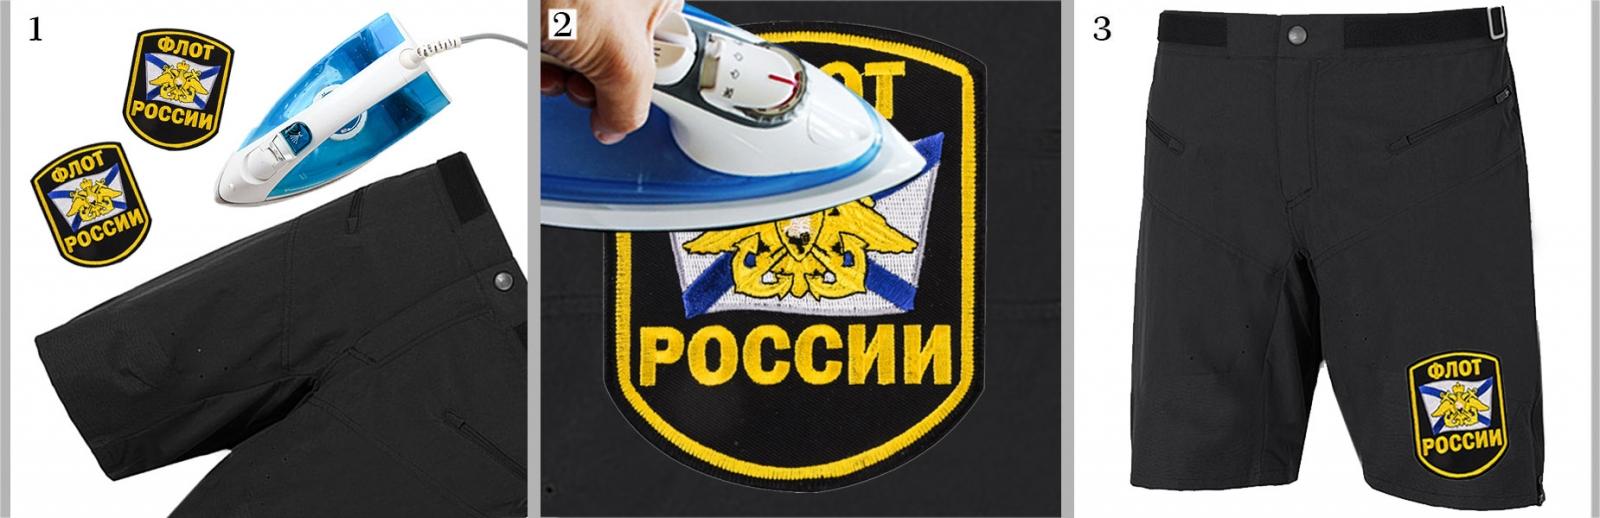 """Шеврон """"Флот России"""" на шортах"""